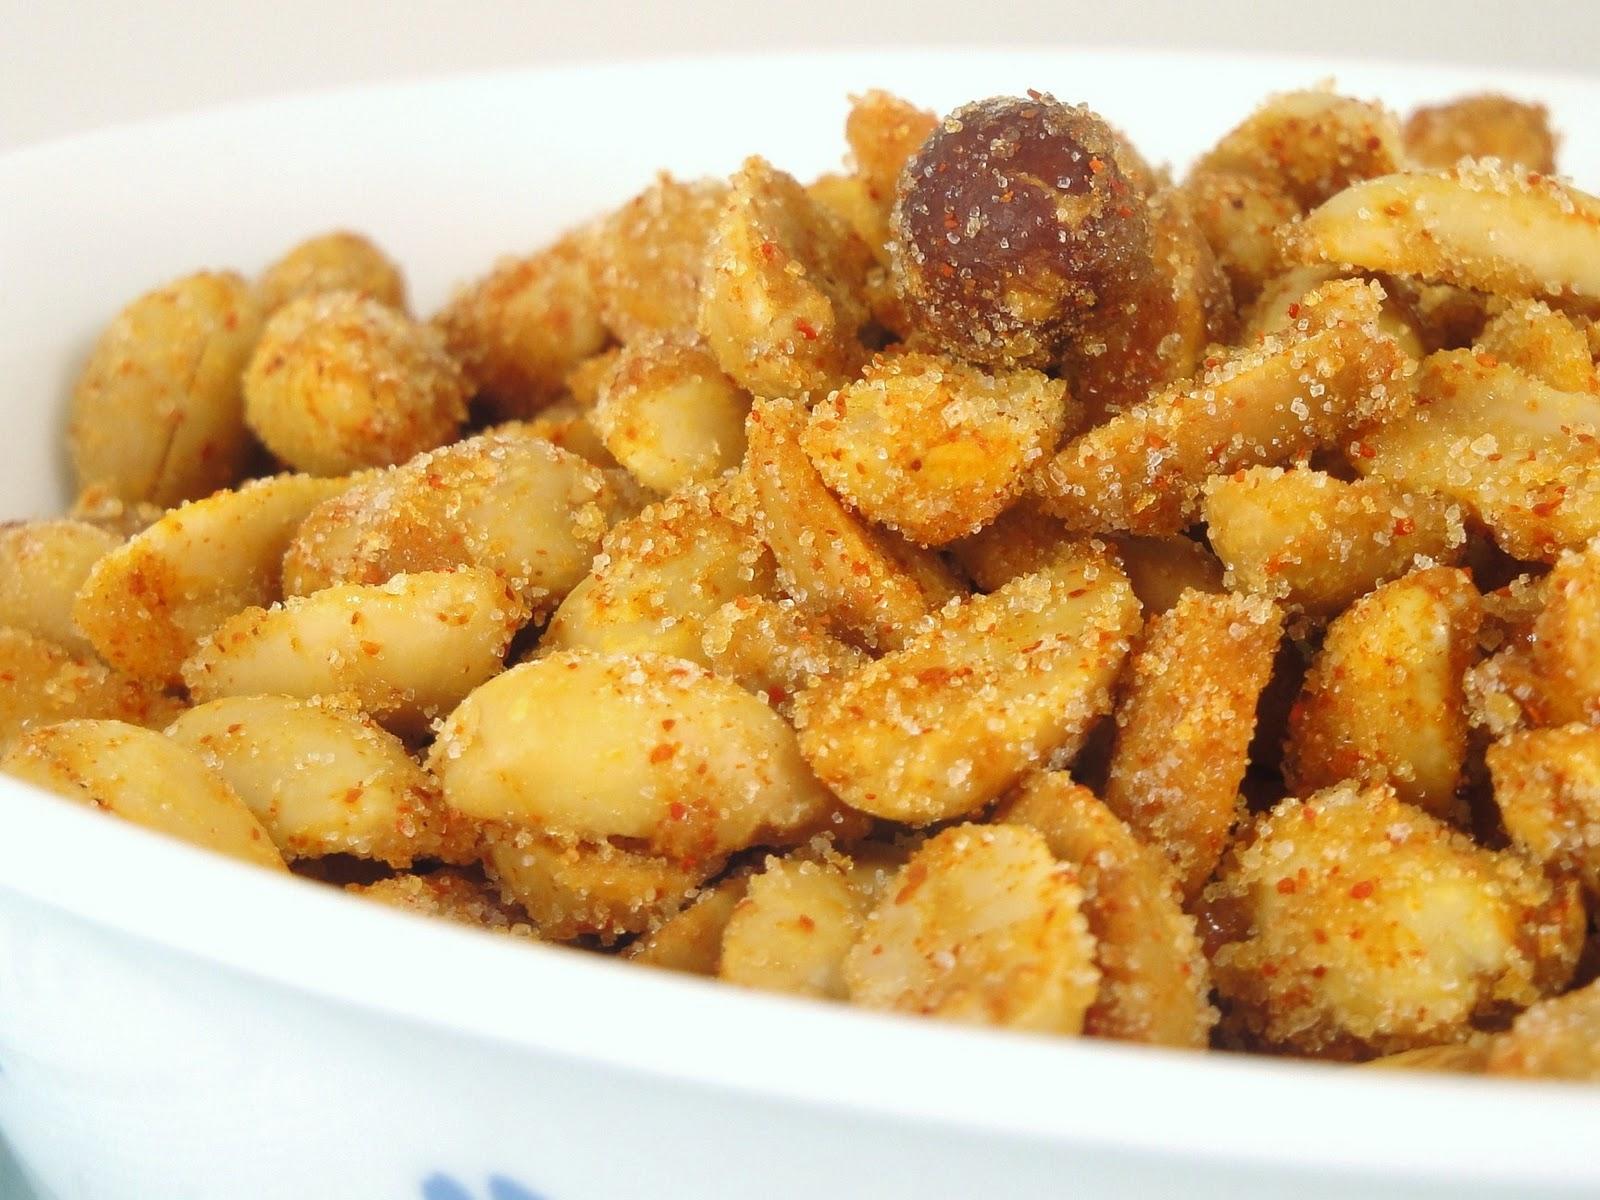 Do you like honey roasted peanuts?